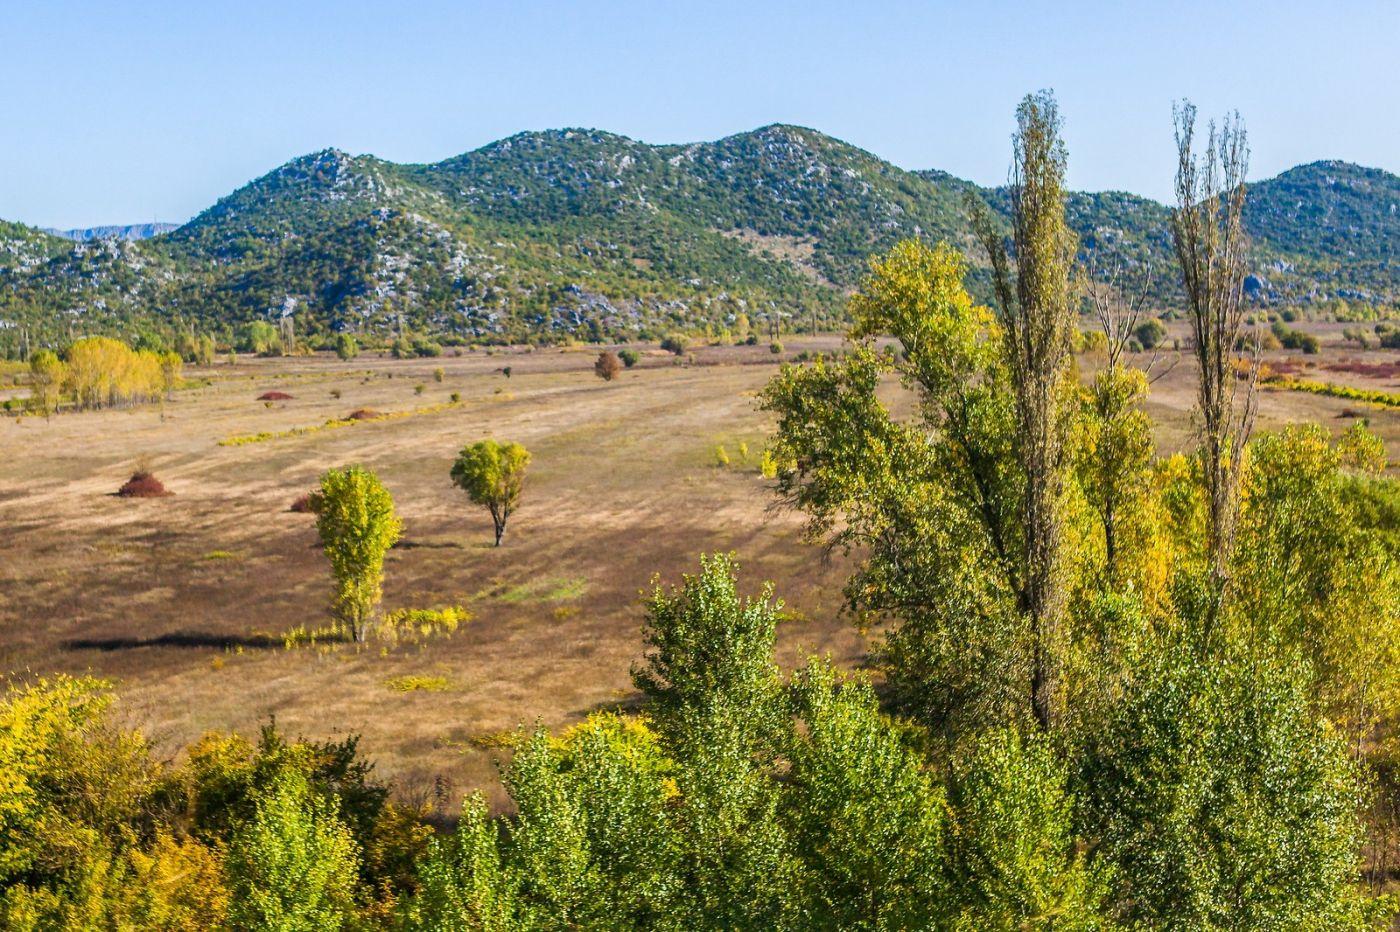 克罗地亚旅途,沿路的秋色_图1-16